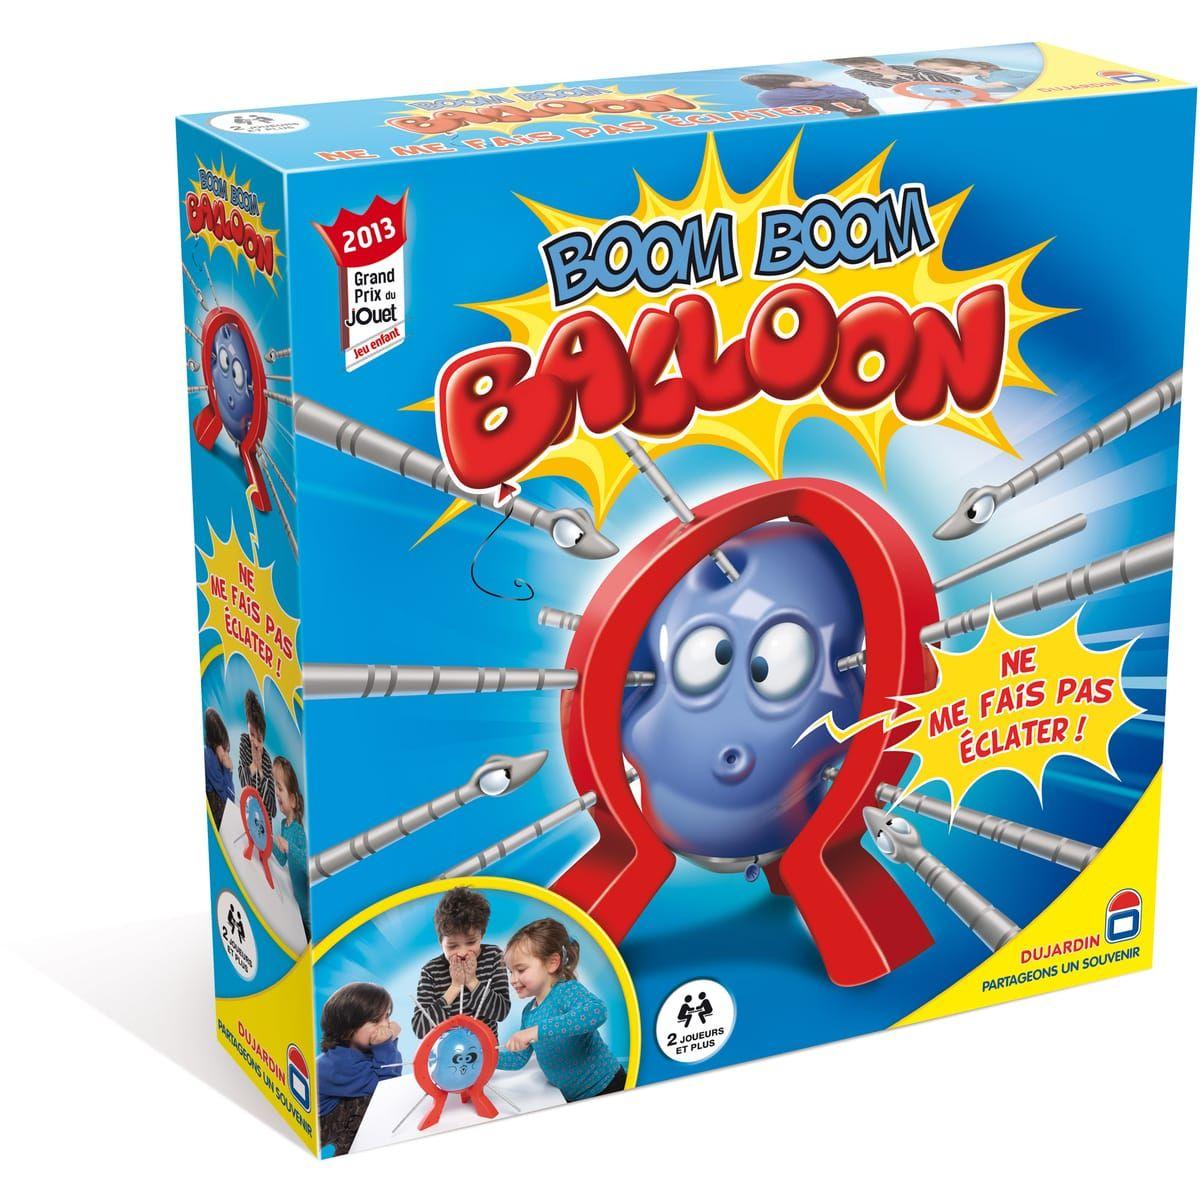 Jeu de société enfant Boom Boom Ballon Dujardin